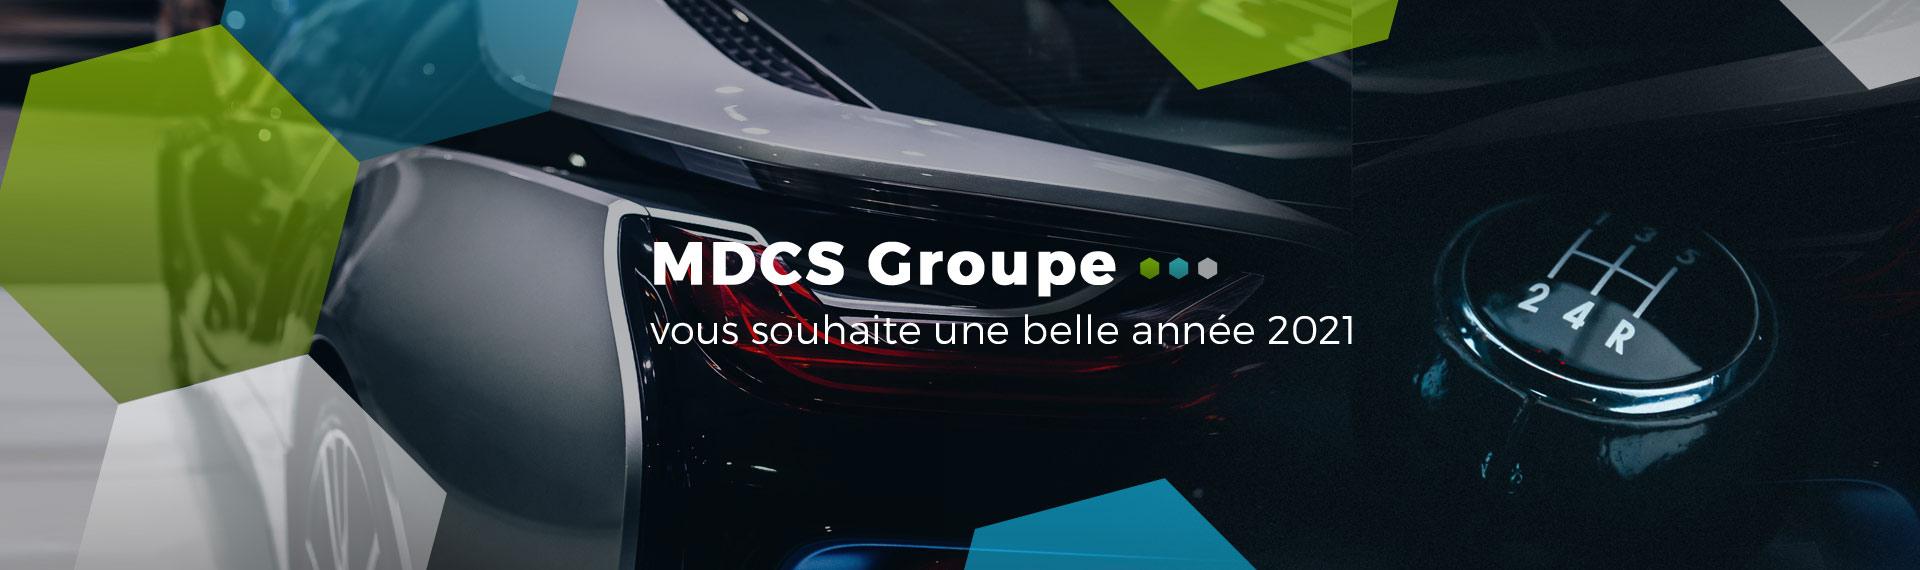 MDCS Groupe vous souhaite de belles fêtes de fin d'année 2020